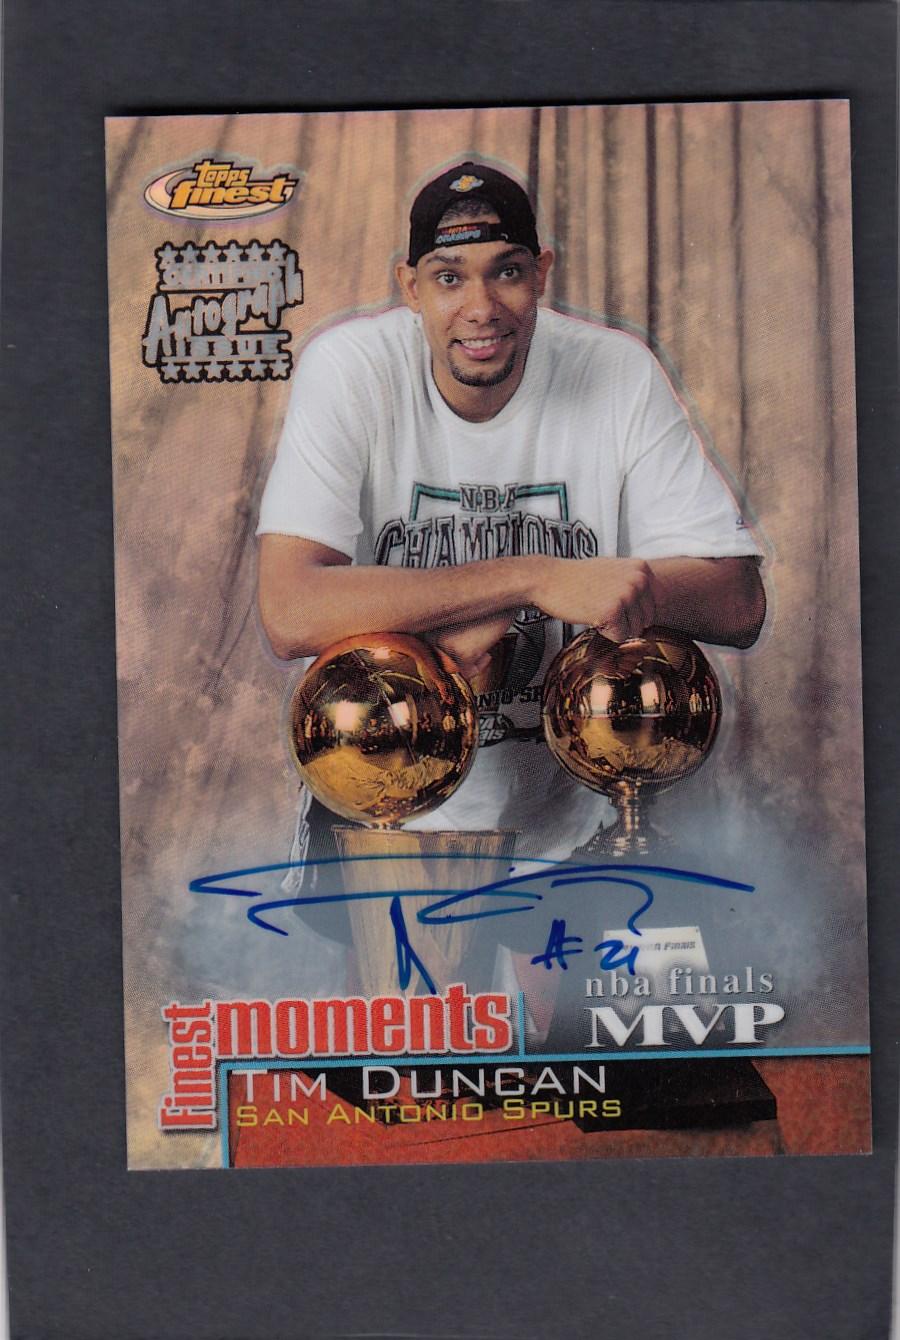 蒂姆 邓肯 Tim Duncan 2000-01 Topps Finest 折射 奖杯 签字 墨迹冰蓝 品相一流 品相如图 可搏金标 邓肯最好的签字之一